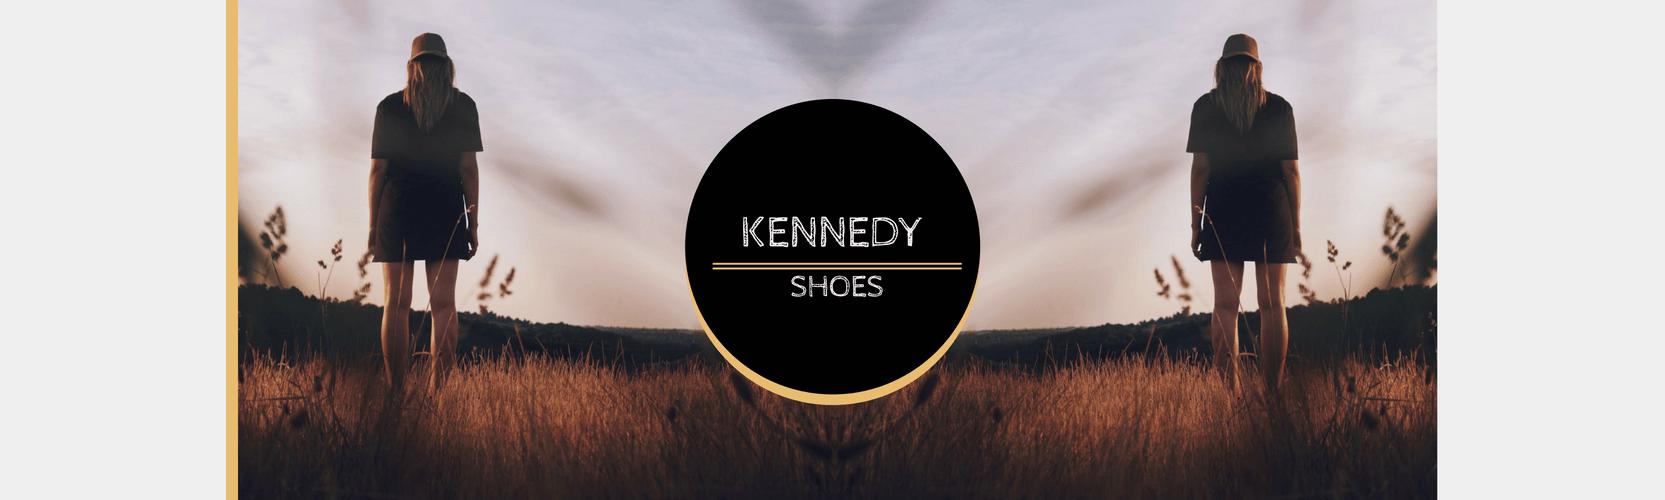 γυναικεια παπουτσια πλατφορμεσ 2018 kennedy shoes